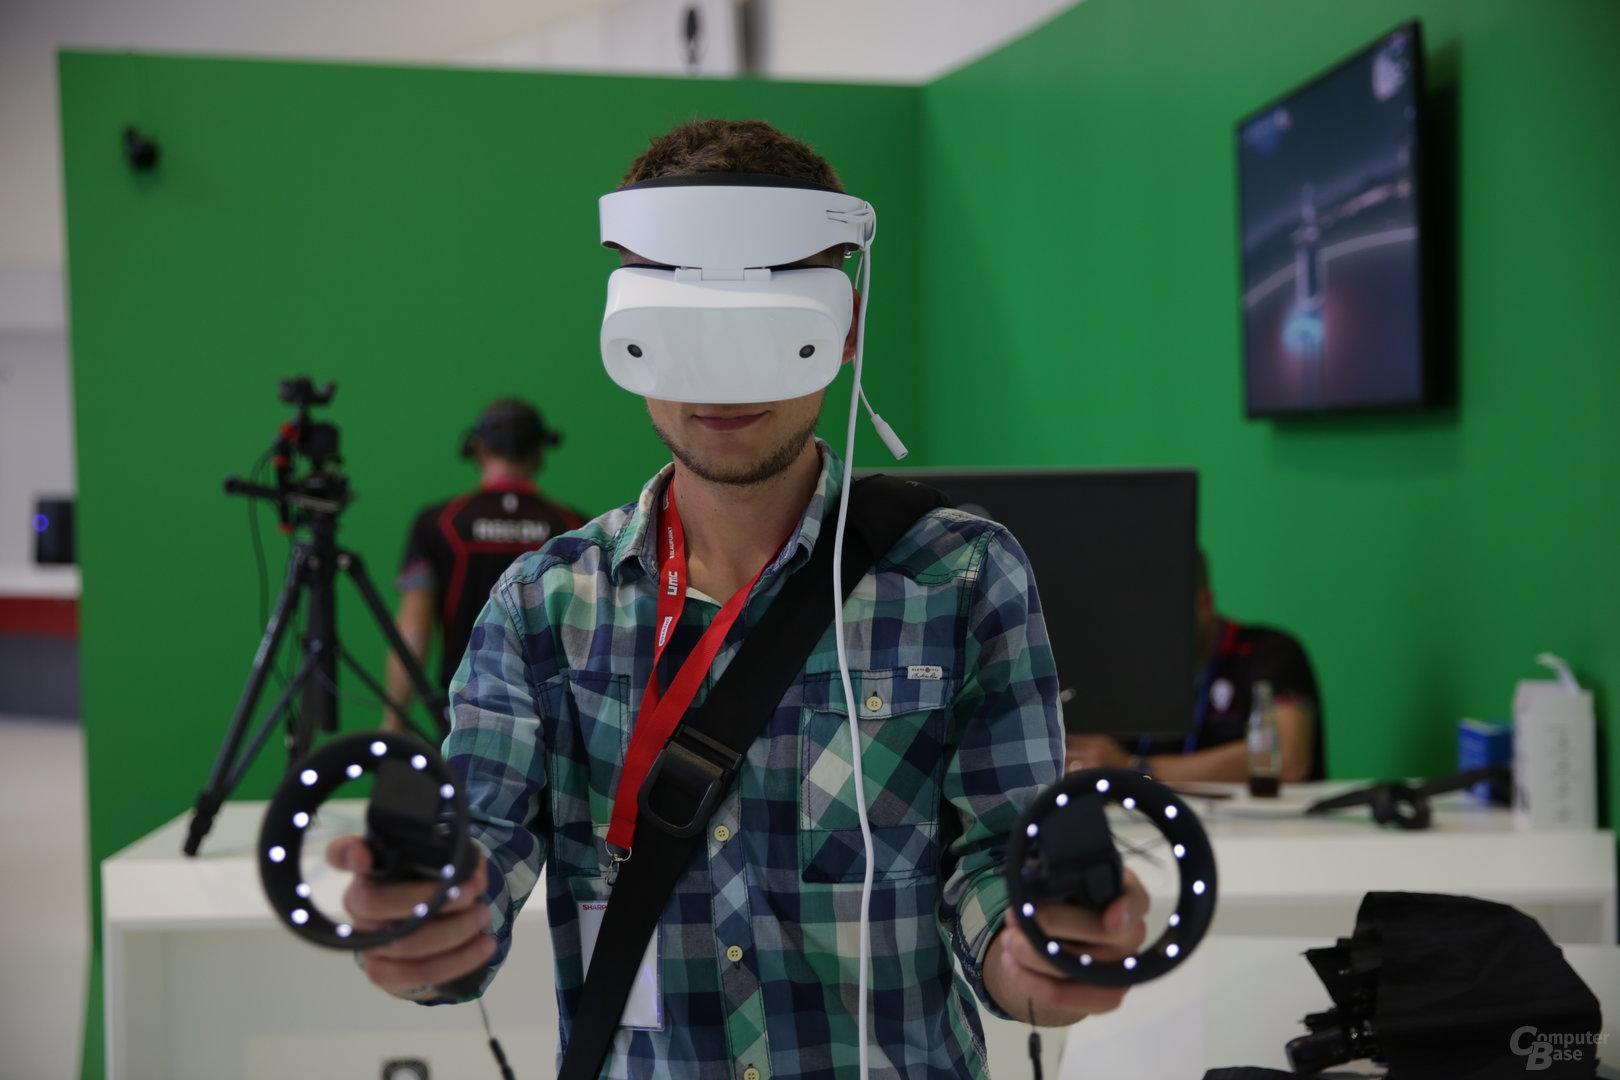 In voller Montur: VR mit Mixed Reality von Microsoft